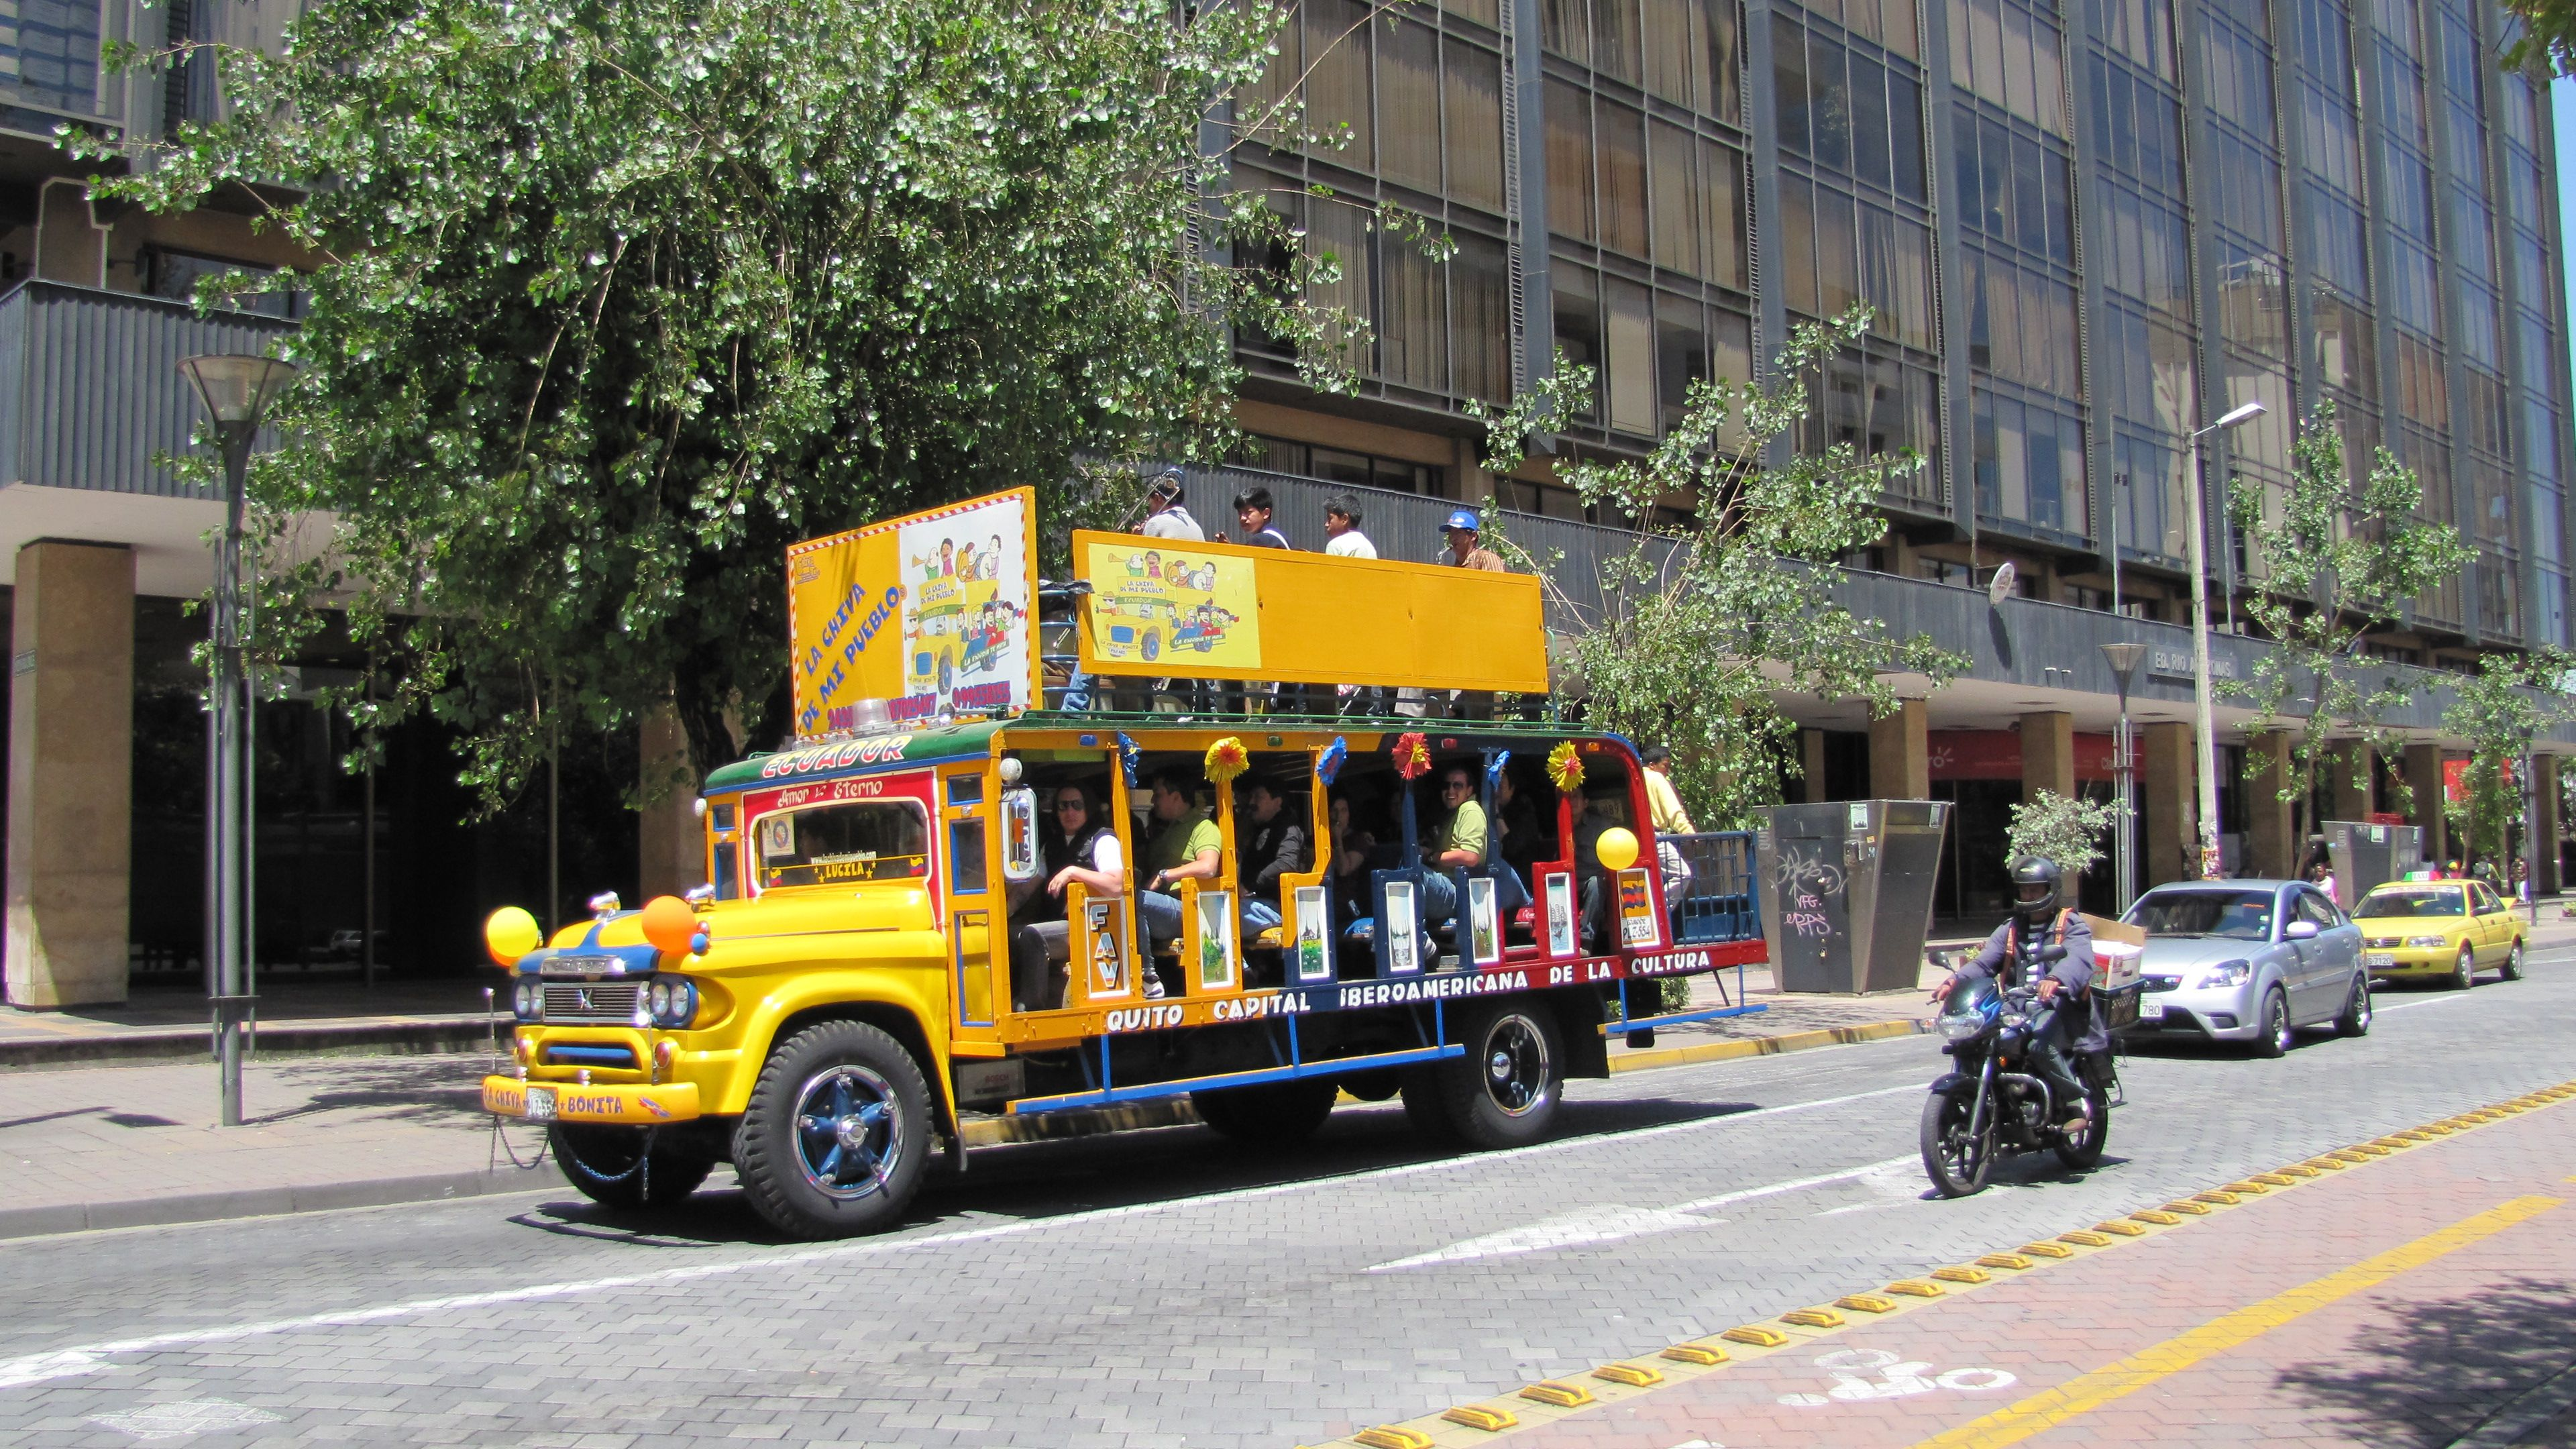 Mariscal district, Quito